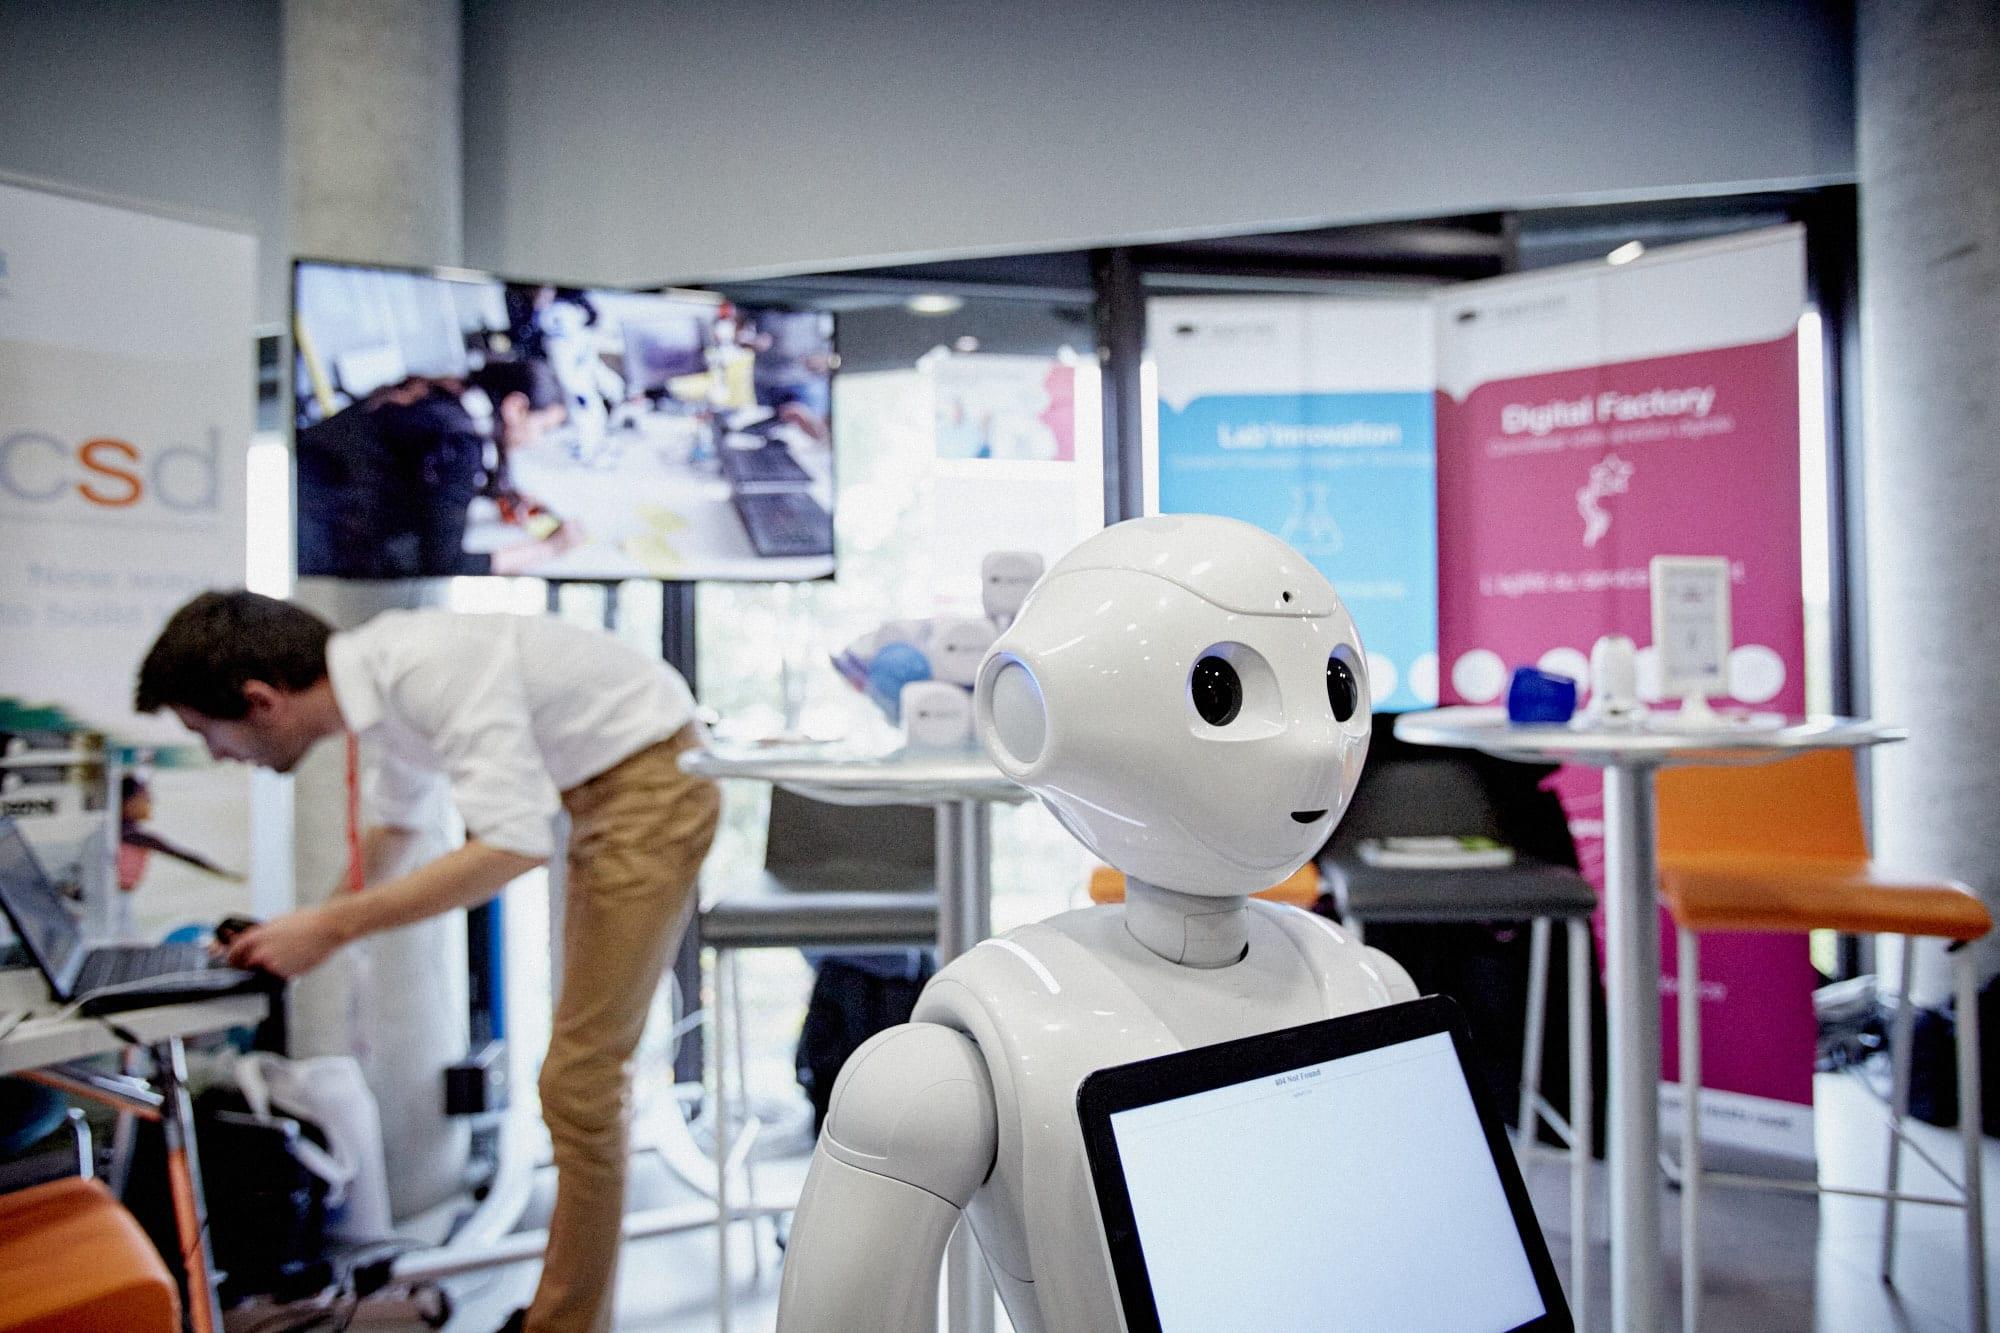 La robotique au service des personnes âgées